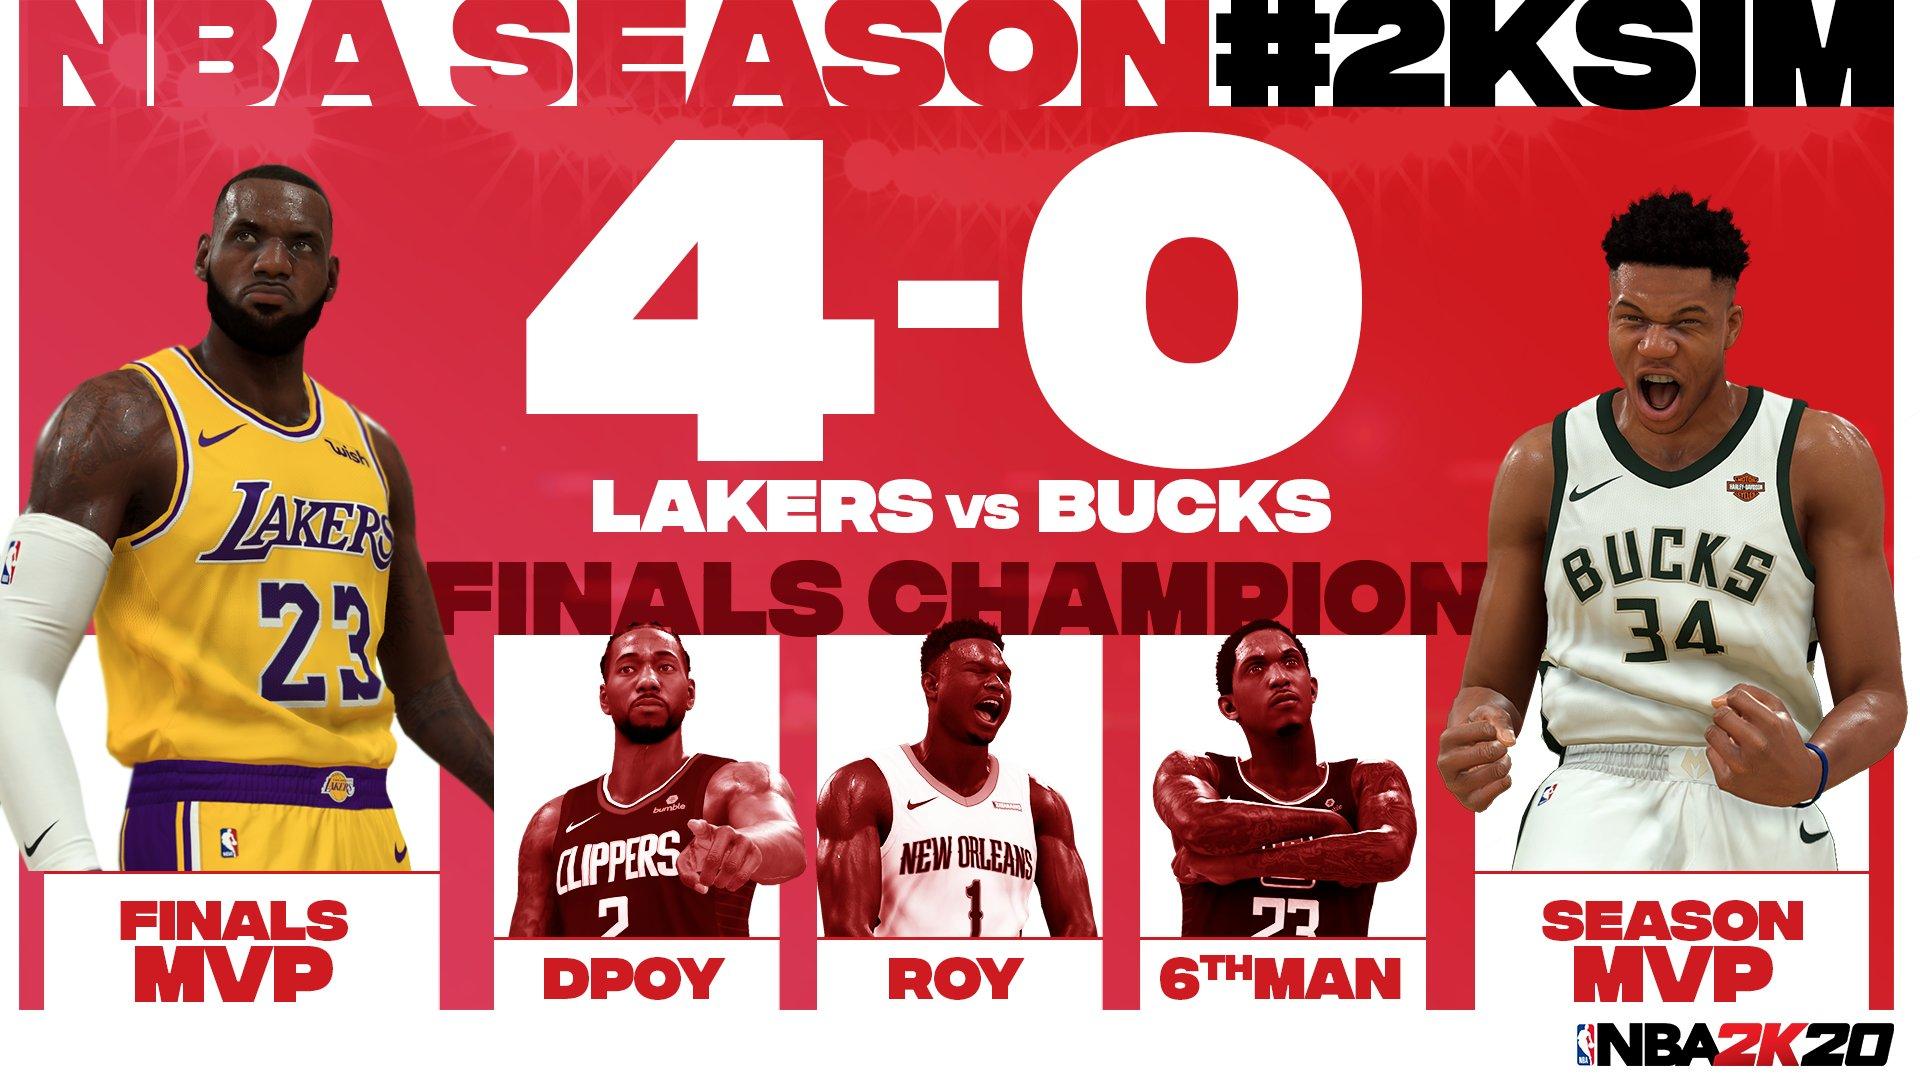 2K prédit le championnat aux Lakers